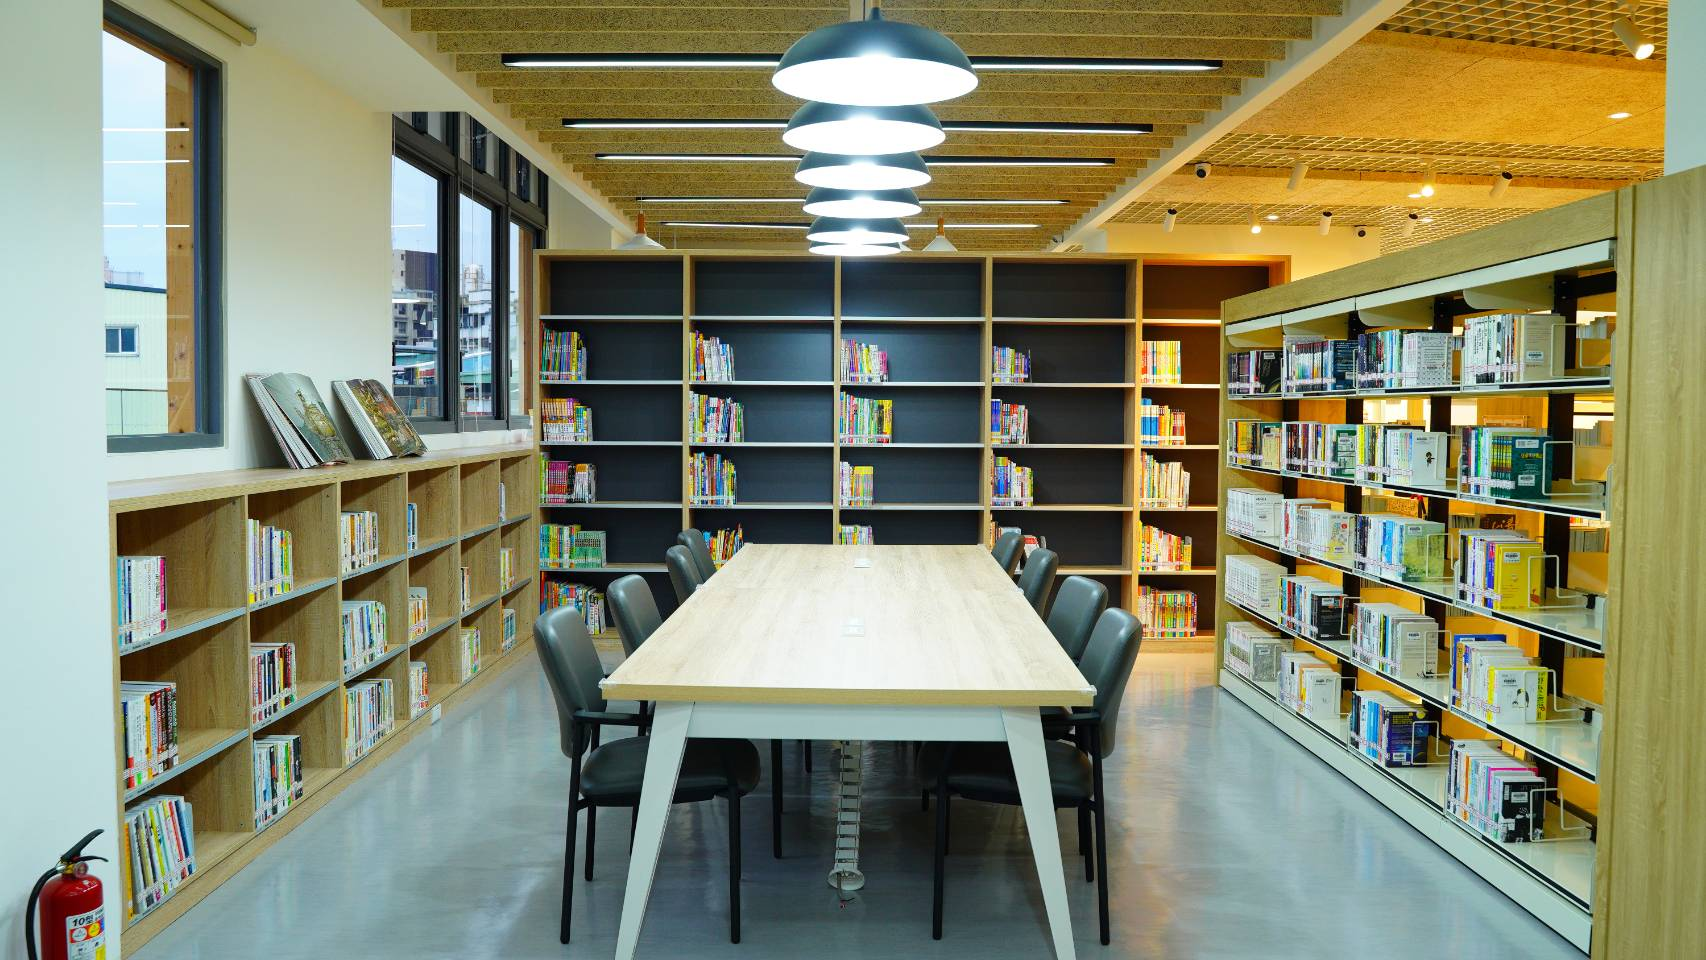 109年度辦理成果-西林圖書閱覽室5